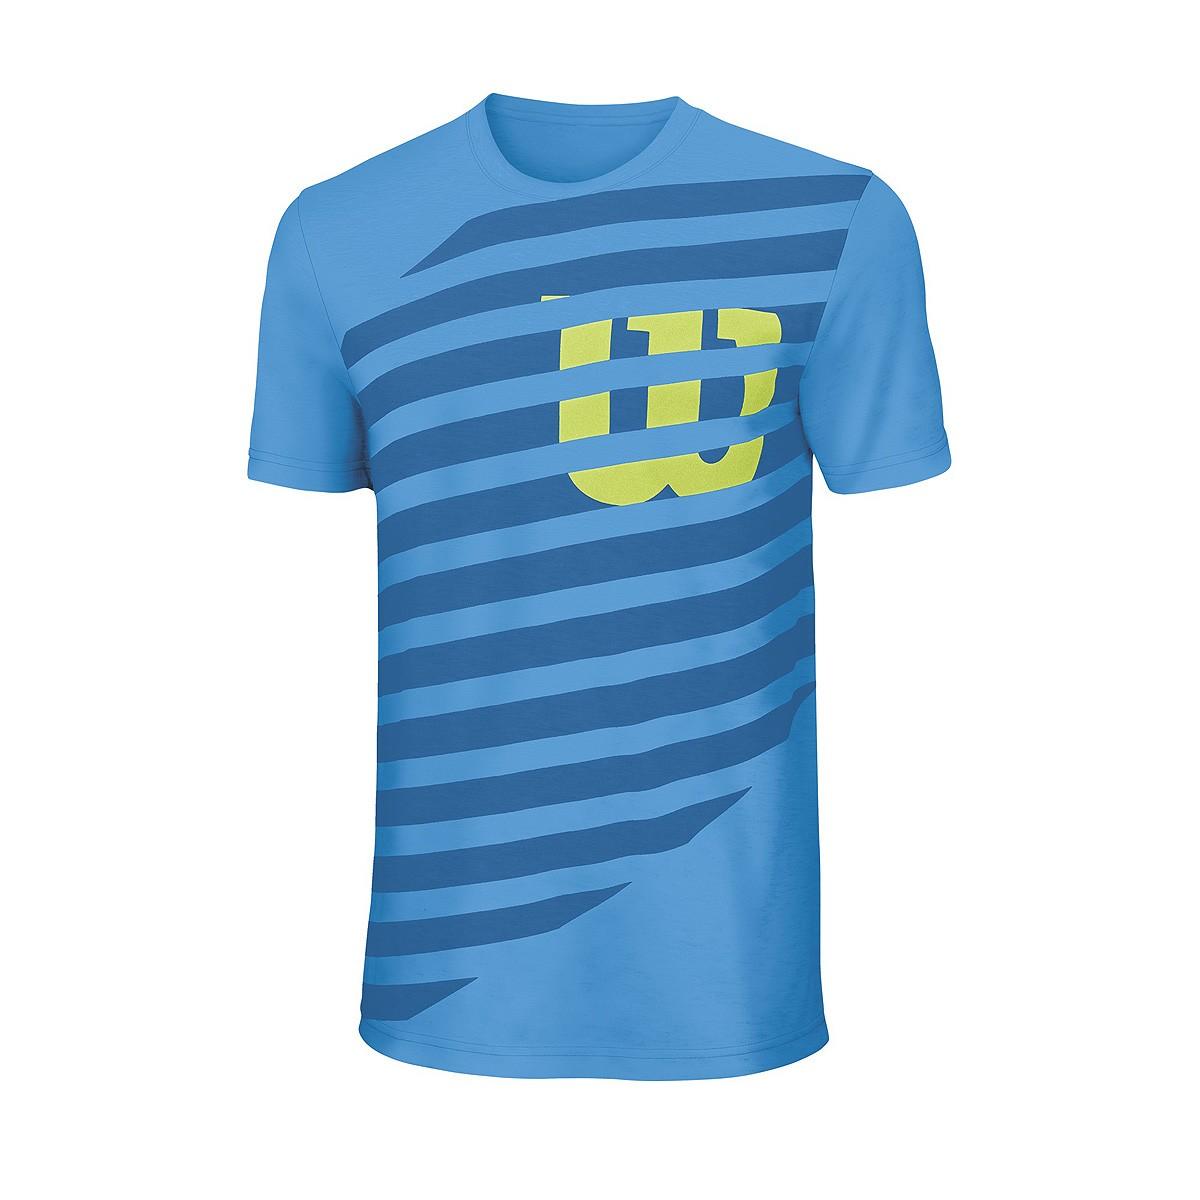 Koszulka tenisowa chłopięca Wilson Boys Lined Tech Tee - wyprzedaż!